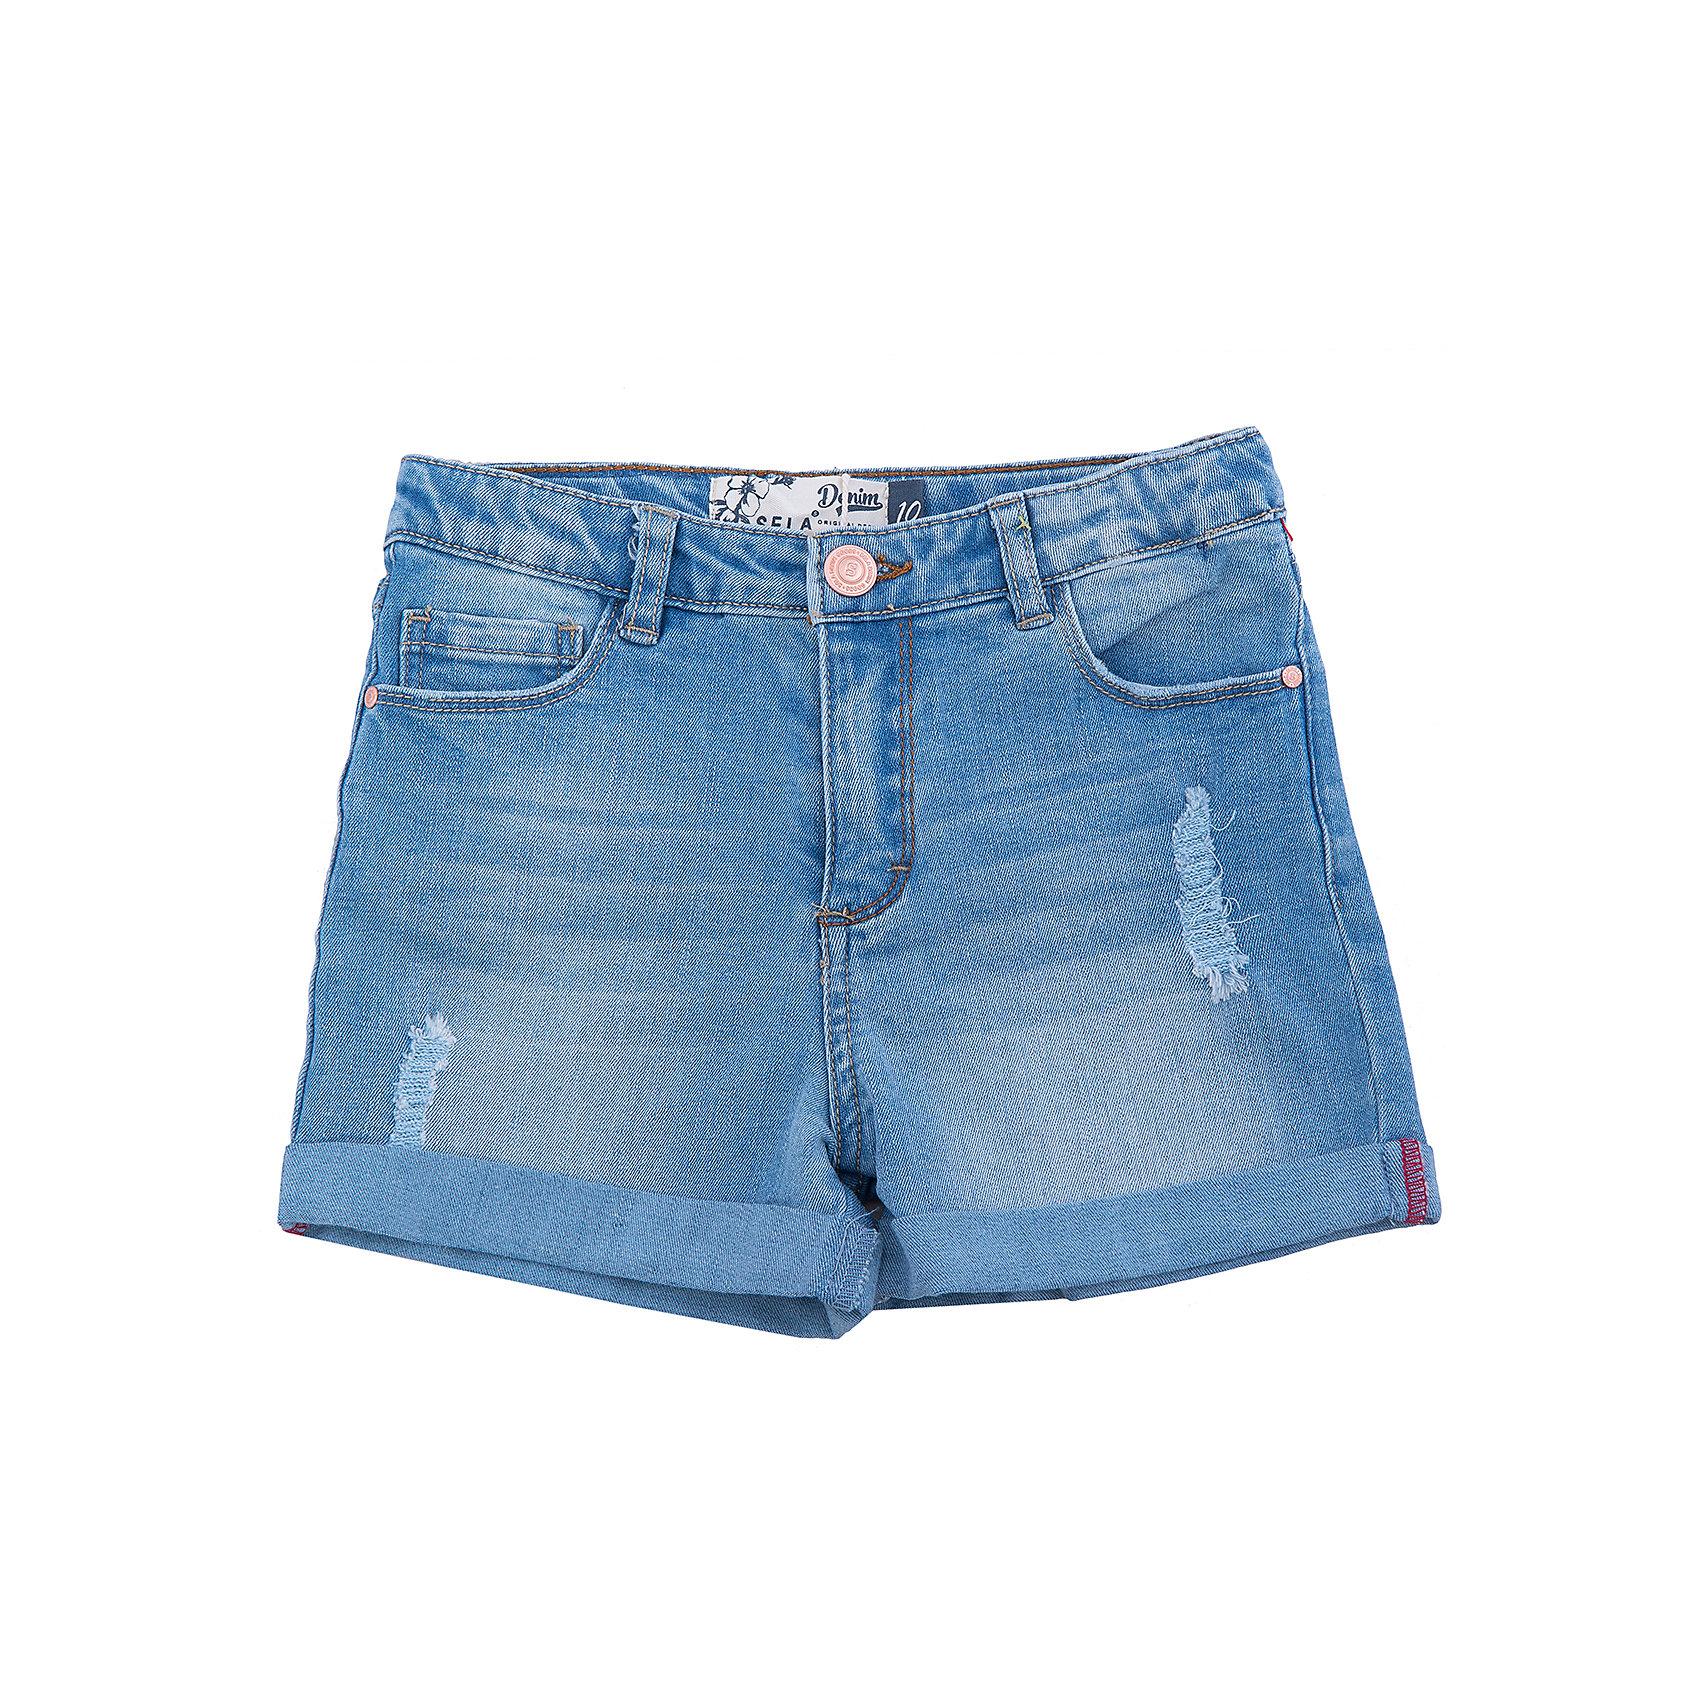 Шорты джинсовые для девочки SELAШорты, бриджи, капри<br>Характеристики товара:<br><br>• цвет: синий<br>• сезон: лето<br>• состав: 100% хлопок<br>• эффект потертостей<br>• застежка - пуговица<br>• карманы<br>• шлевки<br>• страна бренда: Россия<br><br>Вещи из новой коллекции SELA продолжают радовать удобством! Легкие джэинсовые шорты для девочки помогут разнообразить гардероб ребенка. Они отлично сочетаются с майками или футболками. <br> <br>Одежда, обувь и аксессуары от российского бренда SELA не зря пользуются большой популярностью у детей и взрослых! Модели этой марки - стильные и удобные, цена при этом неизменно остается доступной. Для их производства используются только безопасные, качественные материалы и фурнитура. Новая коллекция поддерживает хорошие традиции бренда! <br><br>Шорты для девочки от популярного бренда SELA (СЕЛА) можно купить в нашем интернет-магазине.<br><br>Ширина мм: 191<br>Глубина мм: 10<br>Высота мм: 175<br>Вес г: 273<br>Цвет: голубой<br>Возраст от месяцев: 96<br>Возраст до месяцев: 108<br>Пол: Женский<br>Возраст: Детский<br>Размер: 134,140,146,152,122,128<br>SKU: 5303048